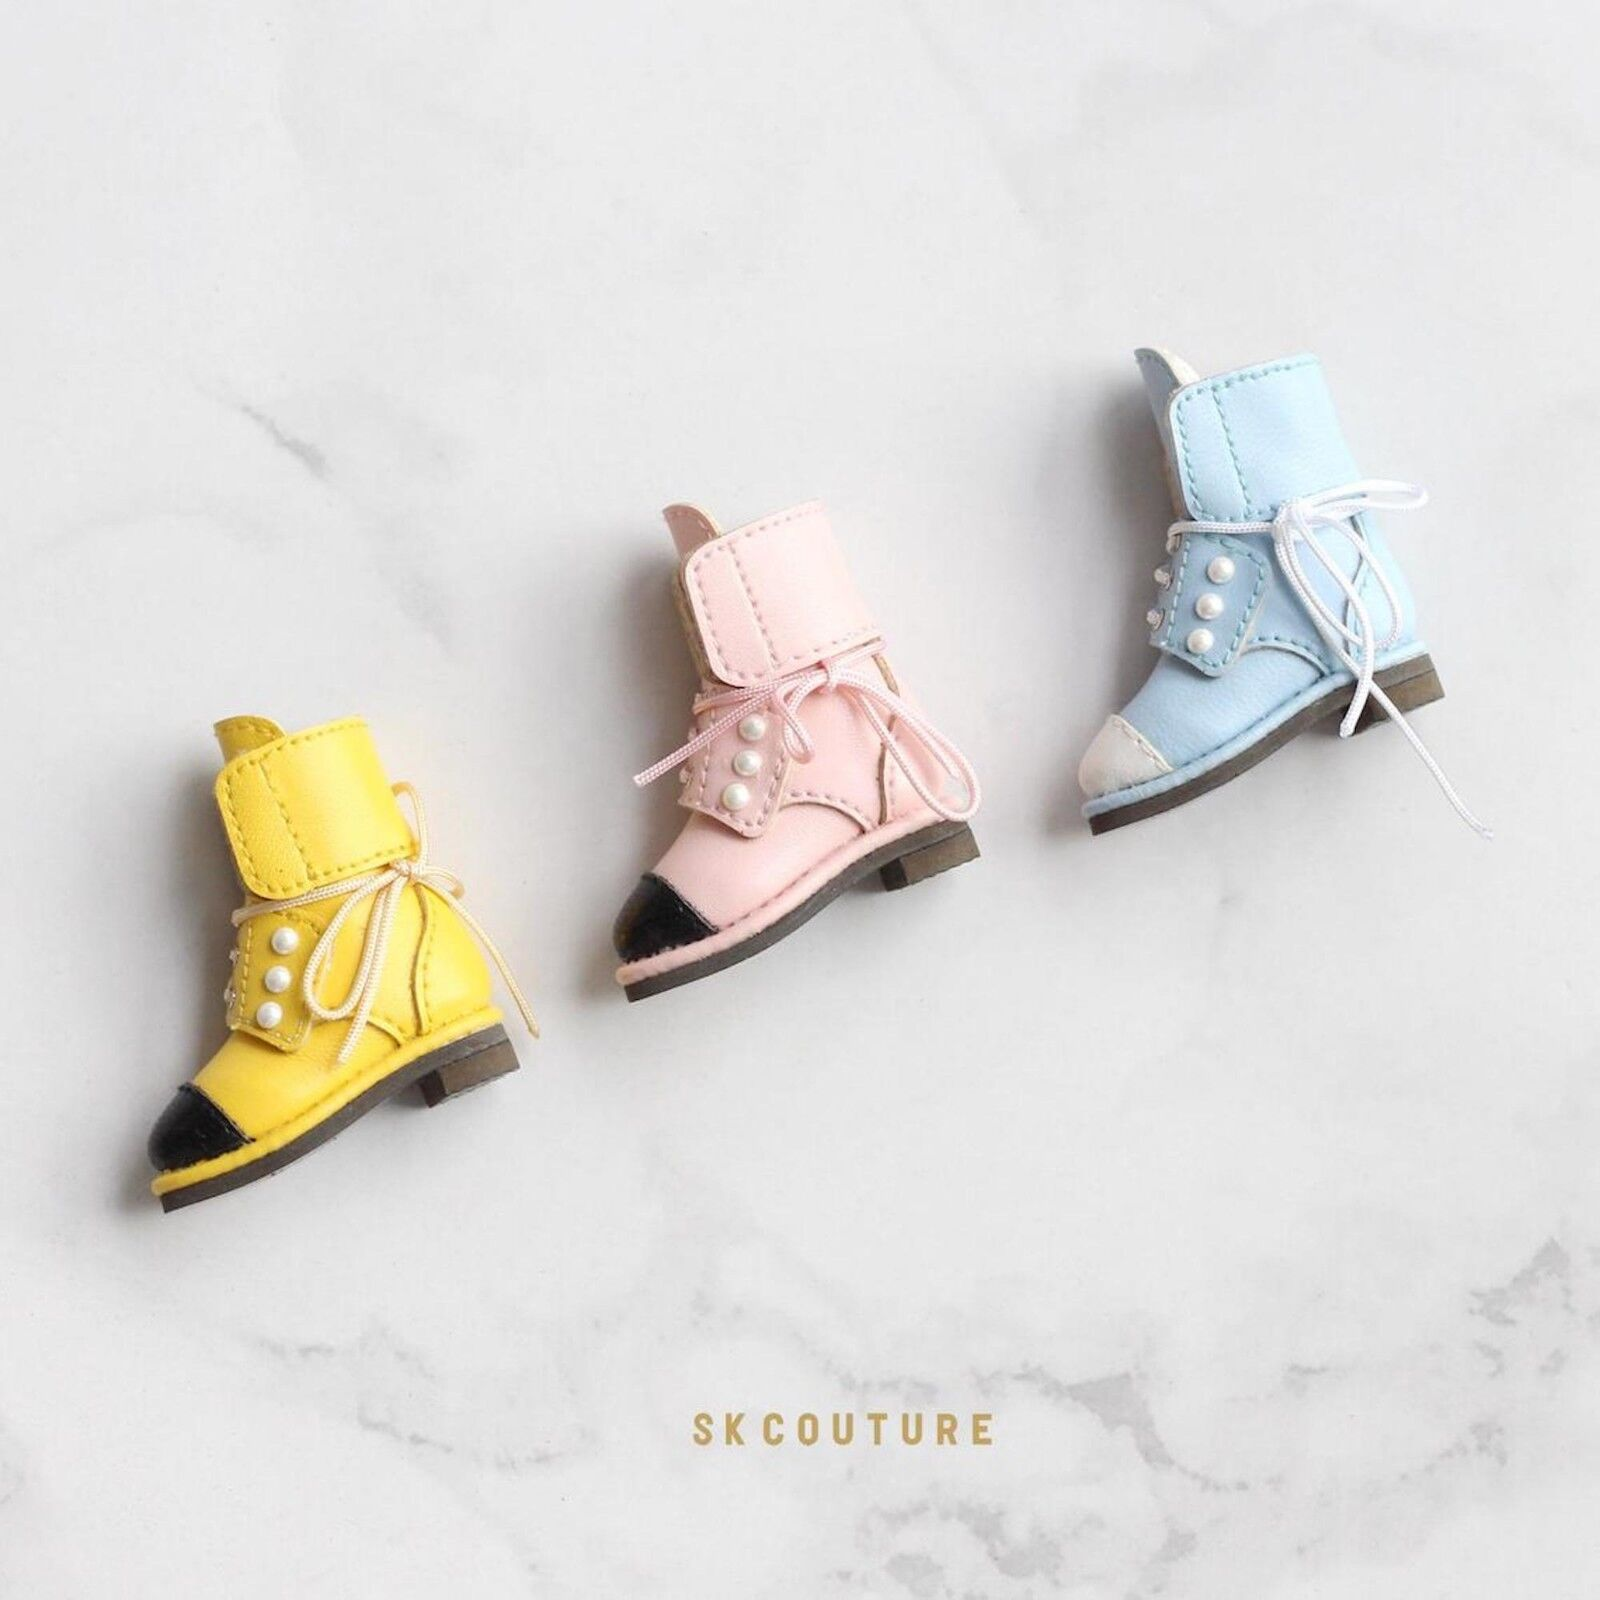 rosado SK Couture botas Para Blythe Pullip LICC Azone Momoko L4xH4.2x1.6 hecho a mano